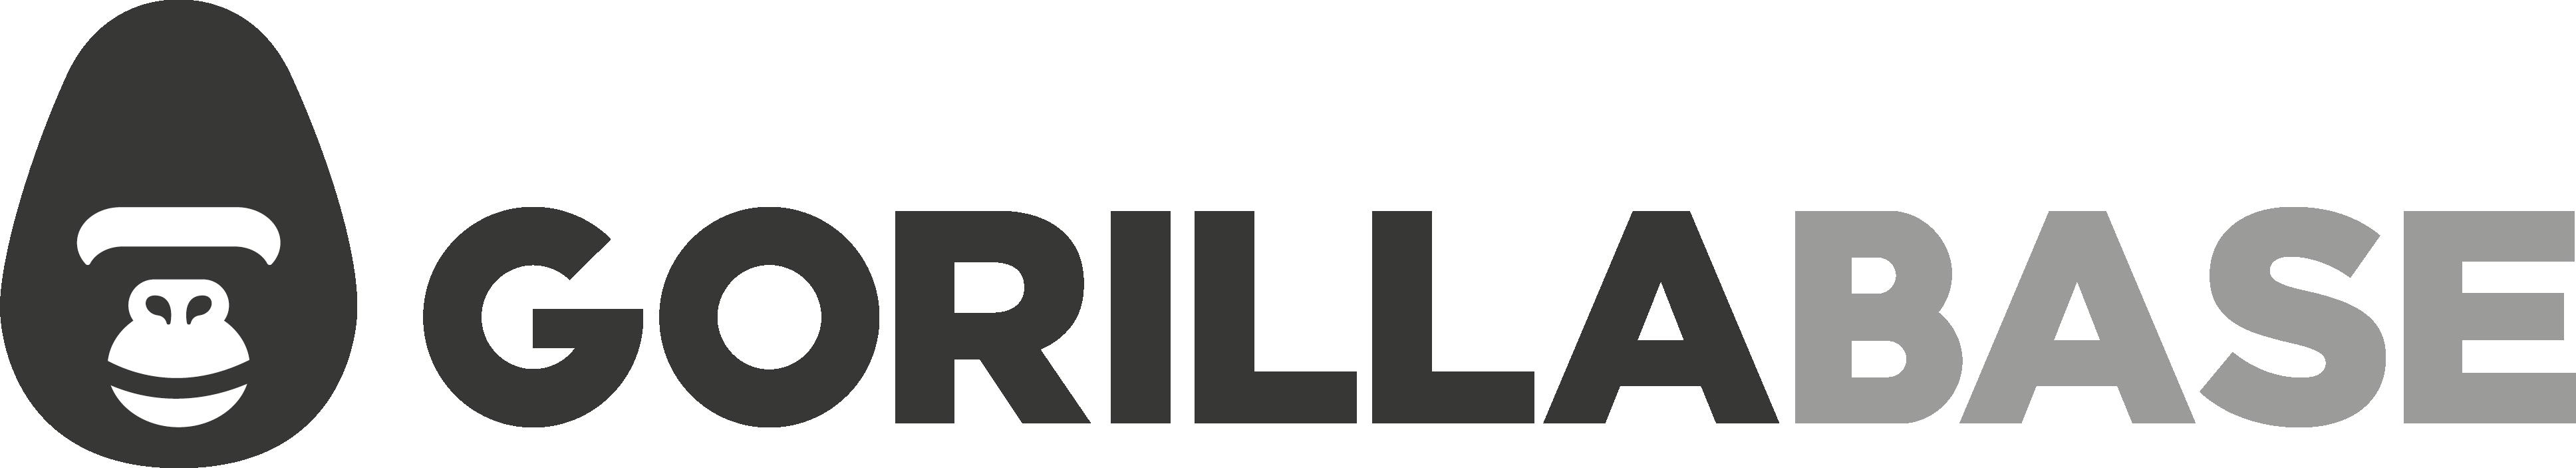 Gorilla Base Multi set media studio –  Milano